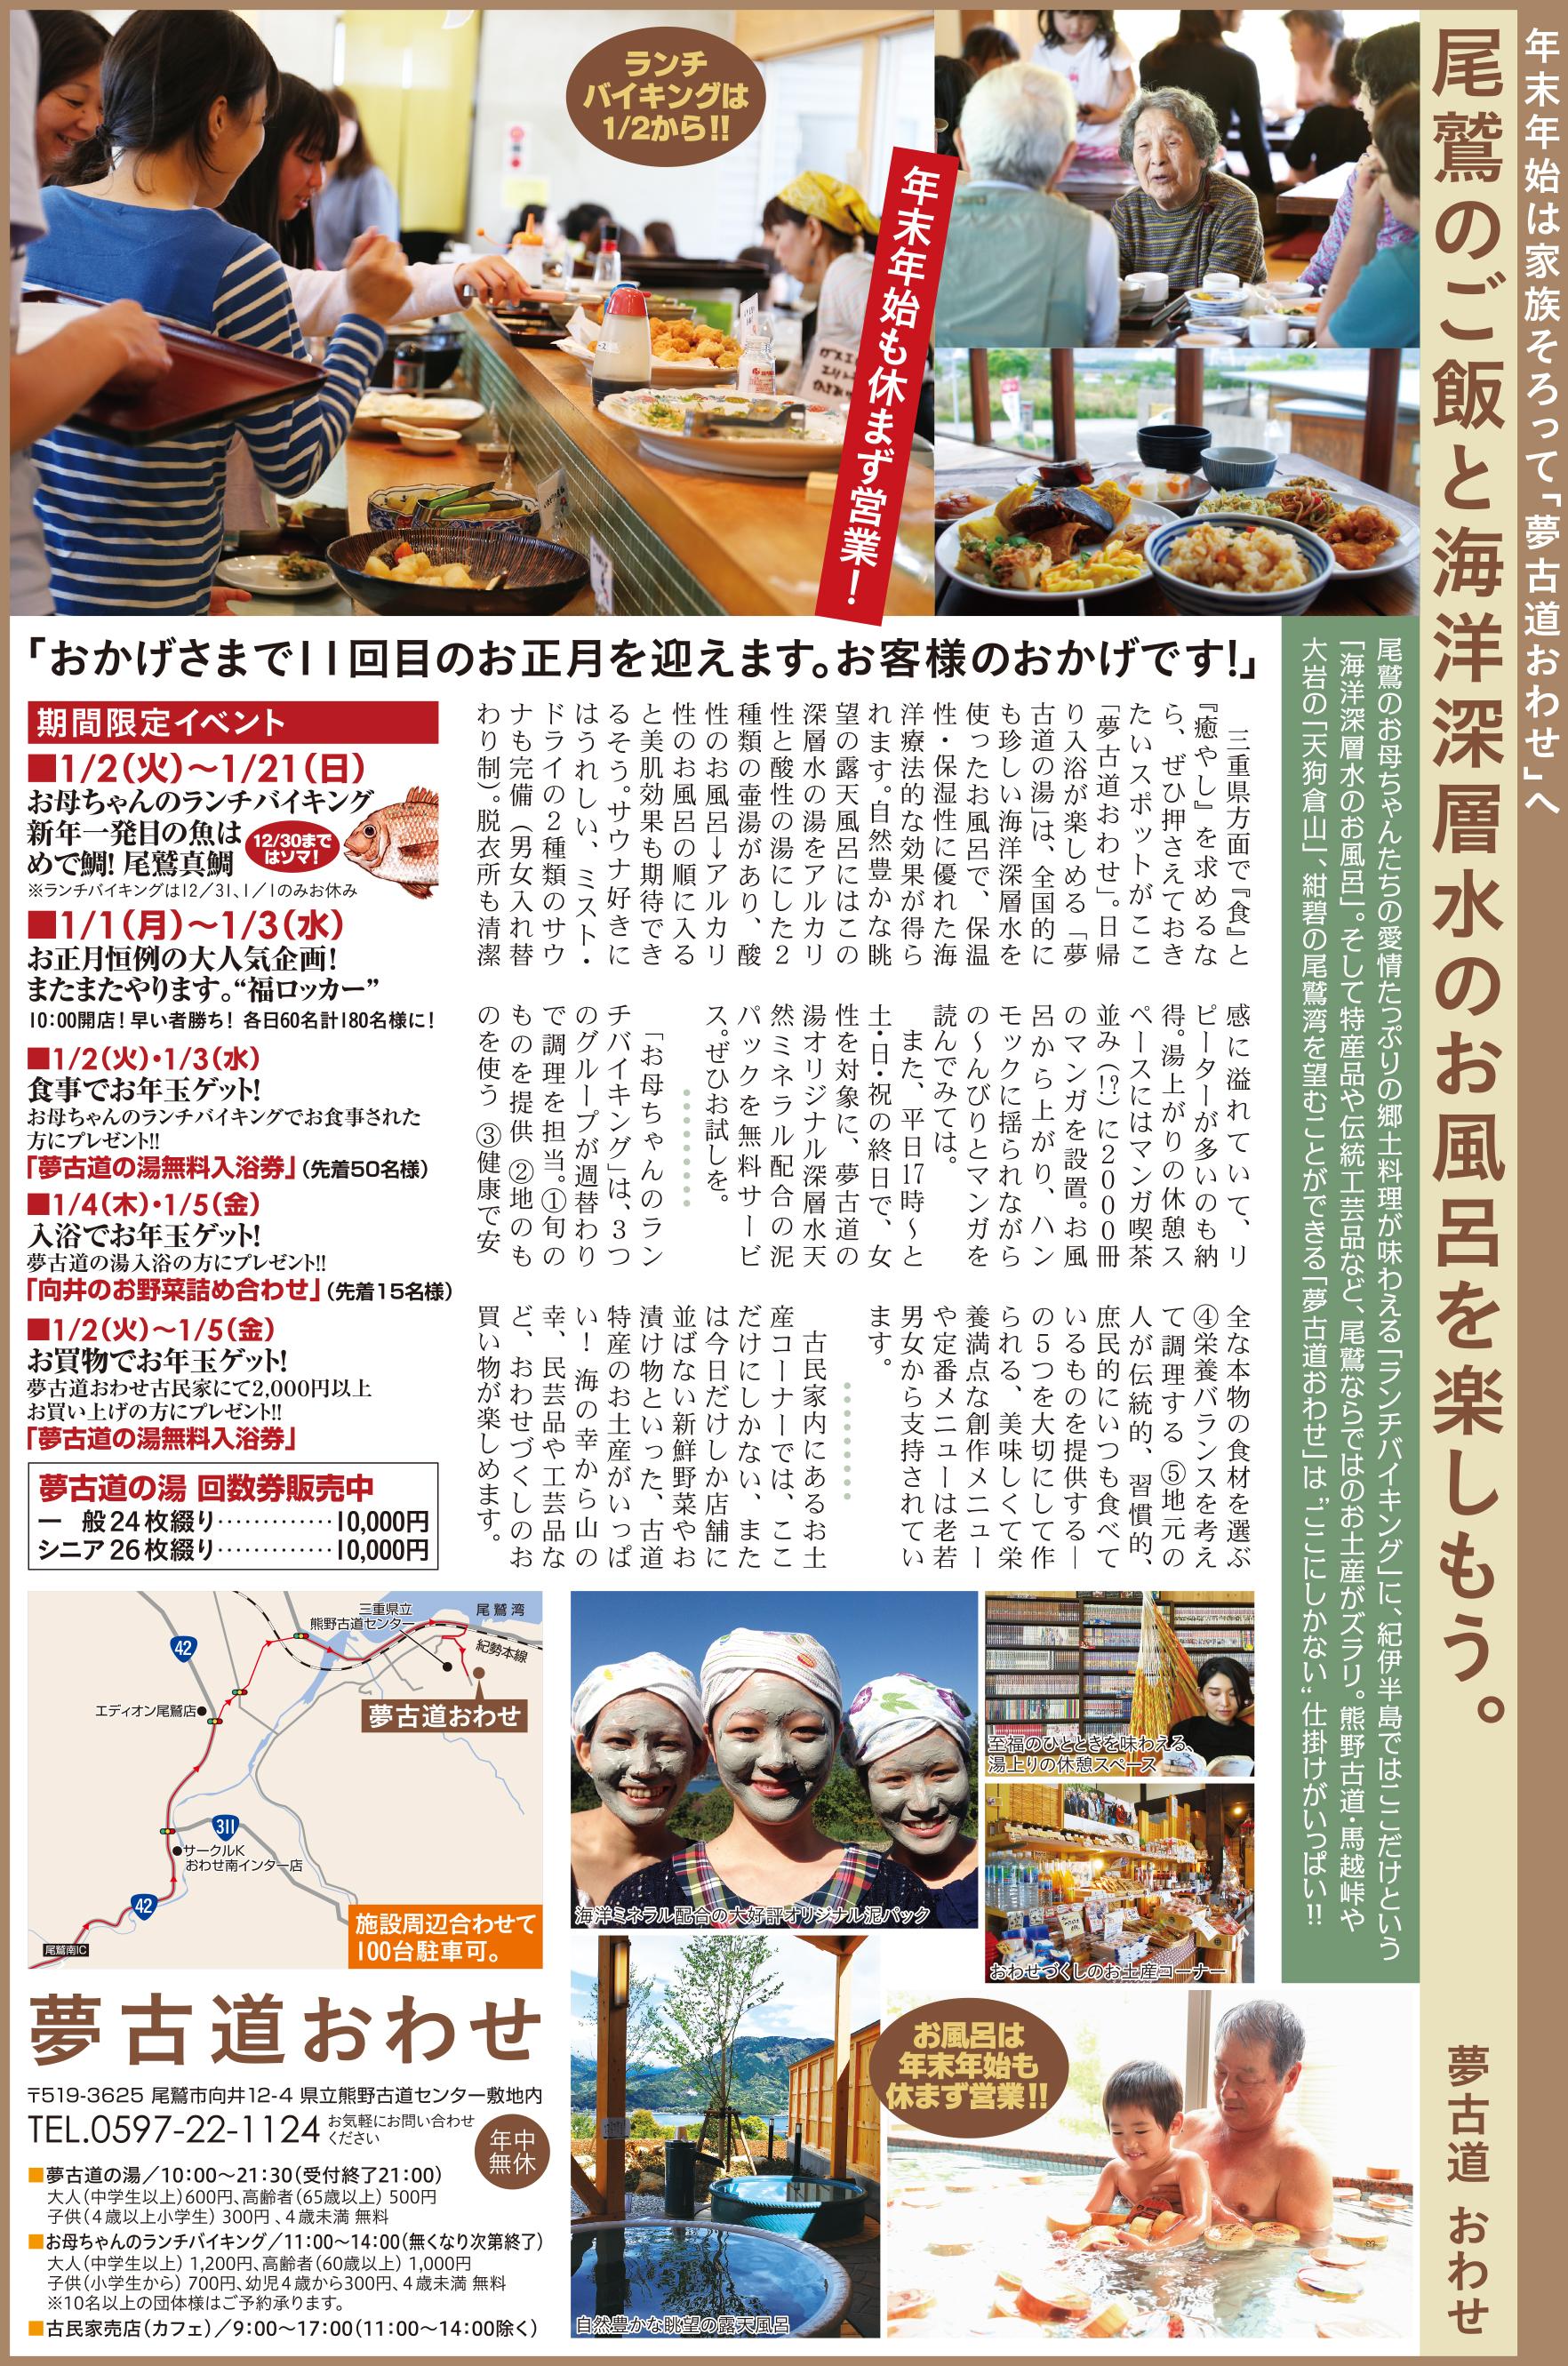 171227セ 夢古道おわせ様 熊野新聞 新8d224